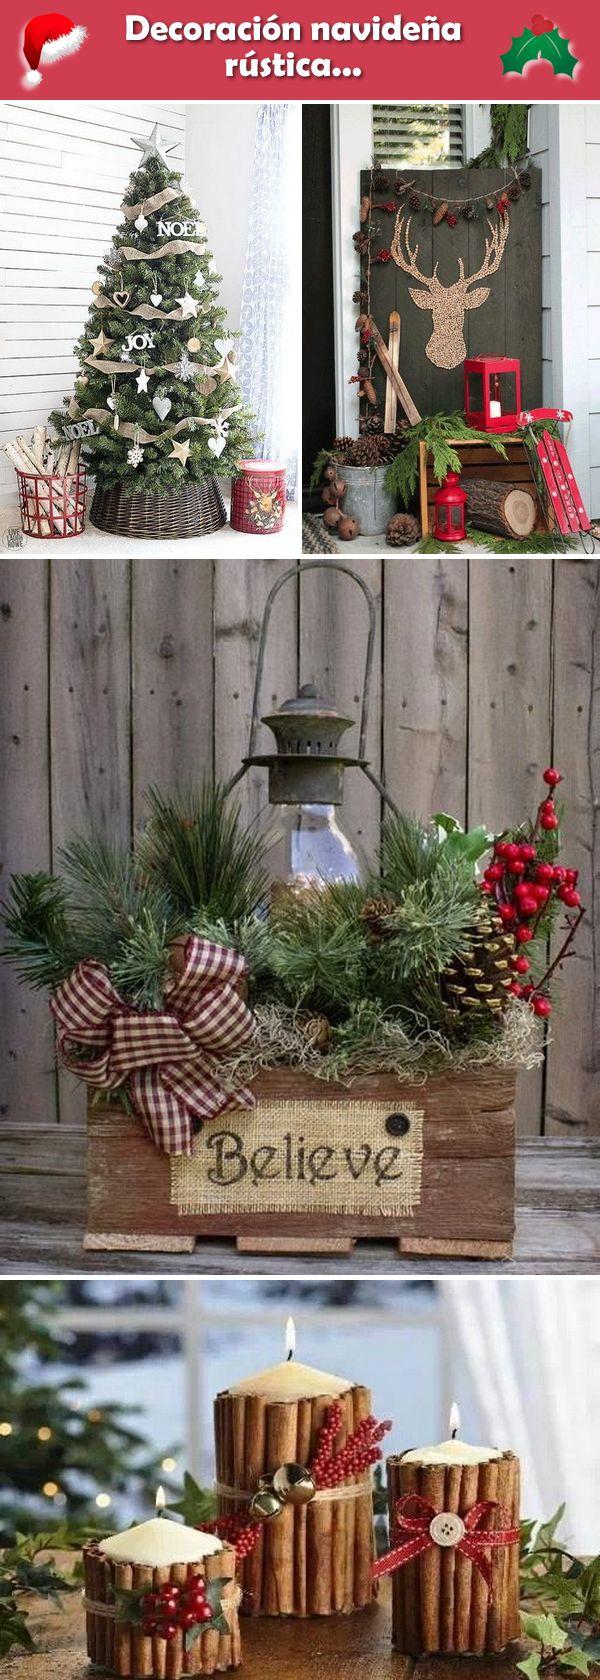 Die besten 25 paletten weihnachten ideen auf pinterest - Decoracion navidena rustica ...